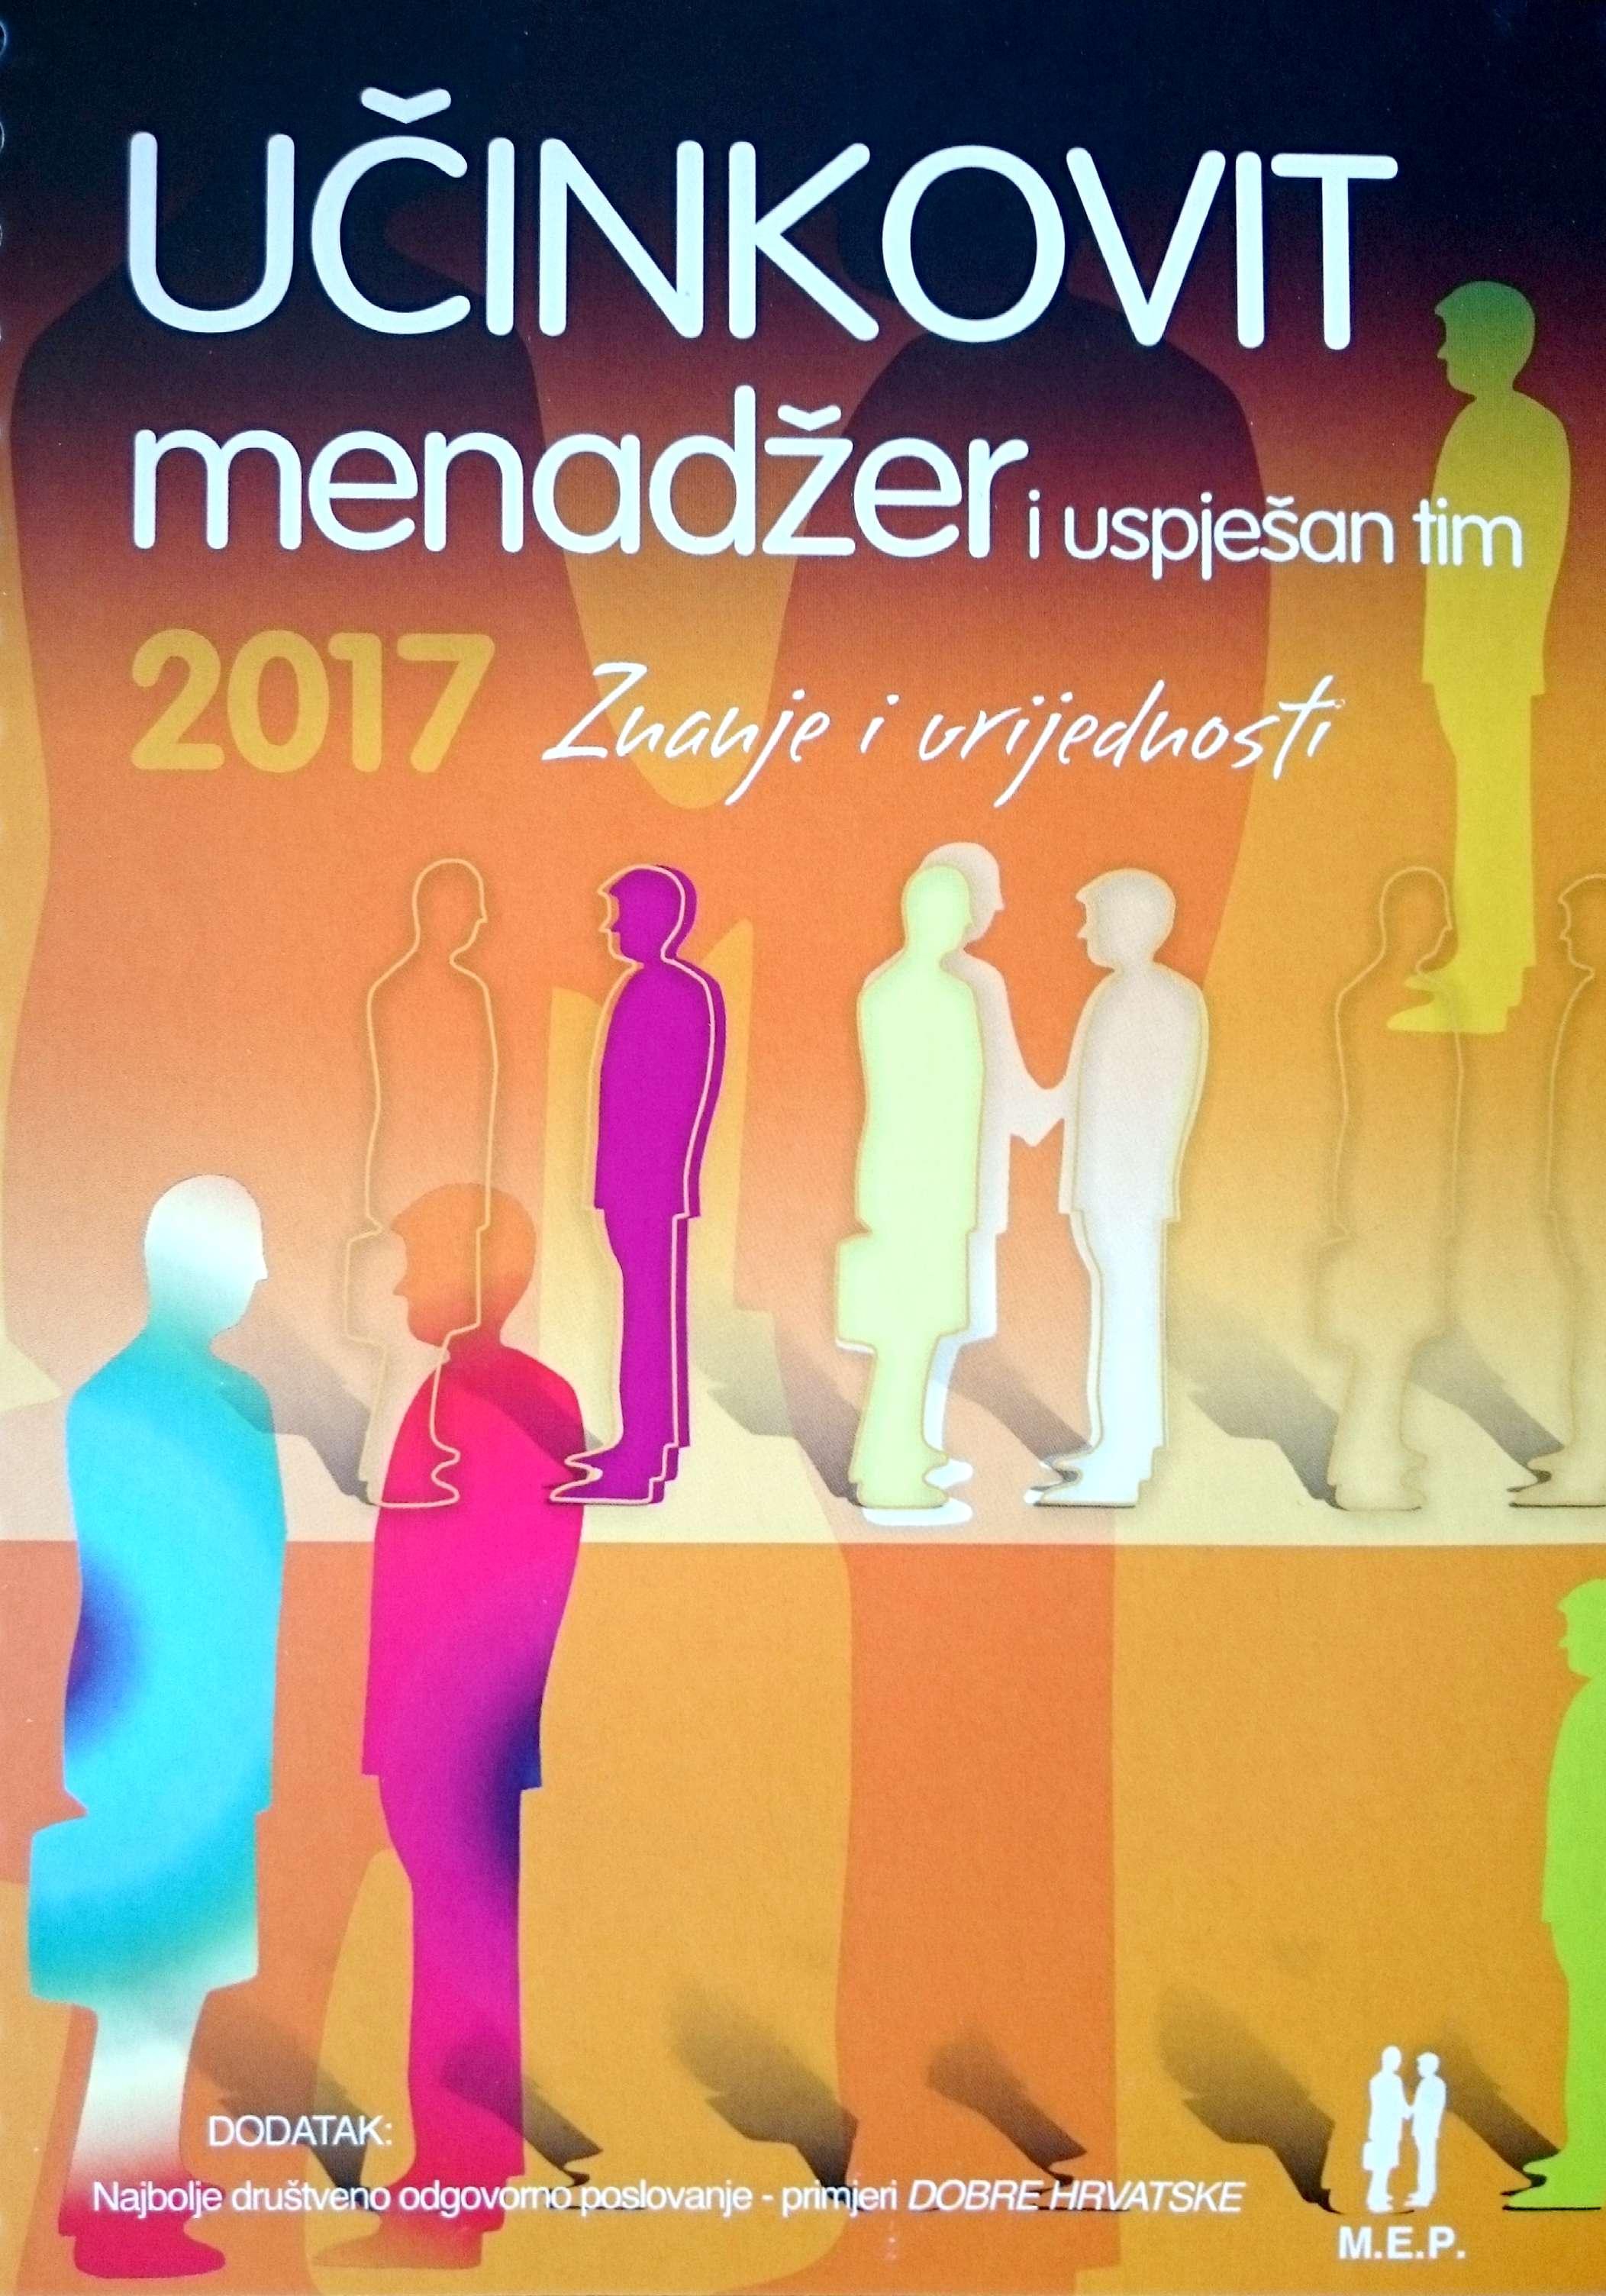 UČINKOVIT MENADŽER  I USPJEŠAN TIM 2017. - Naruči svoju knjigu